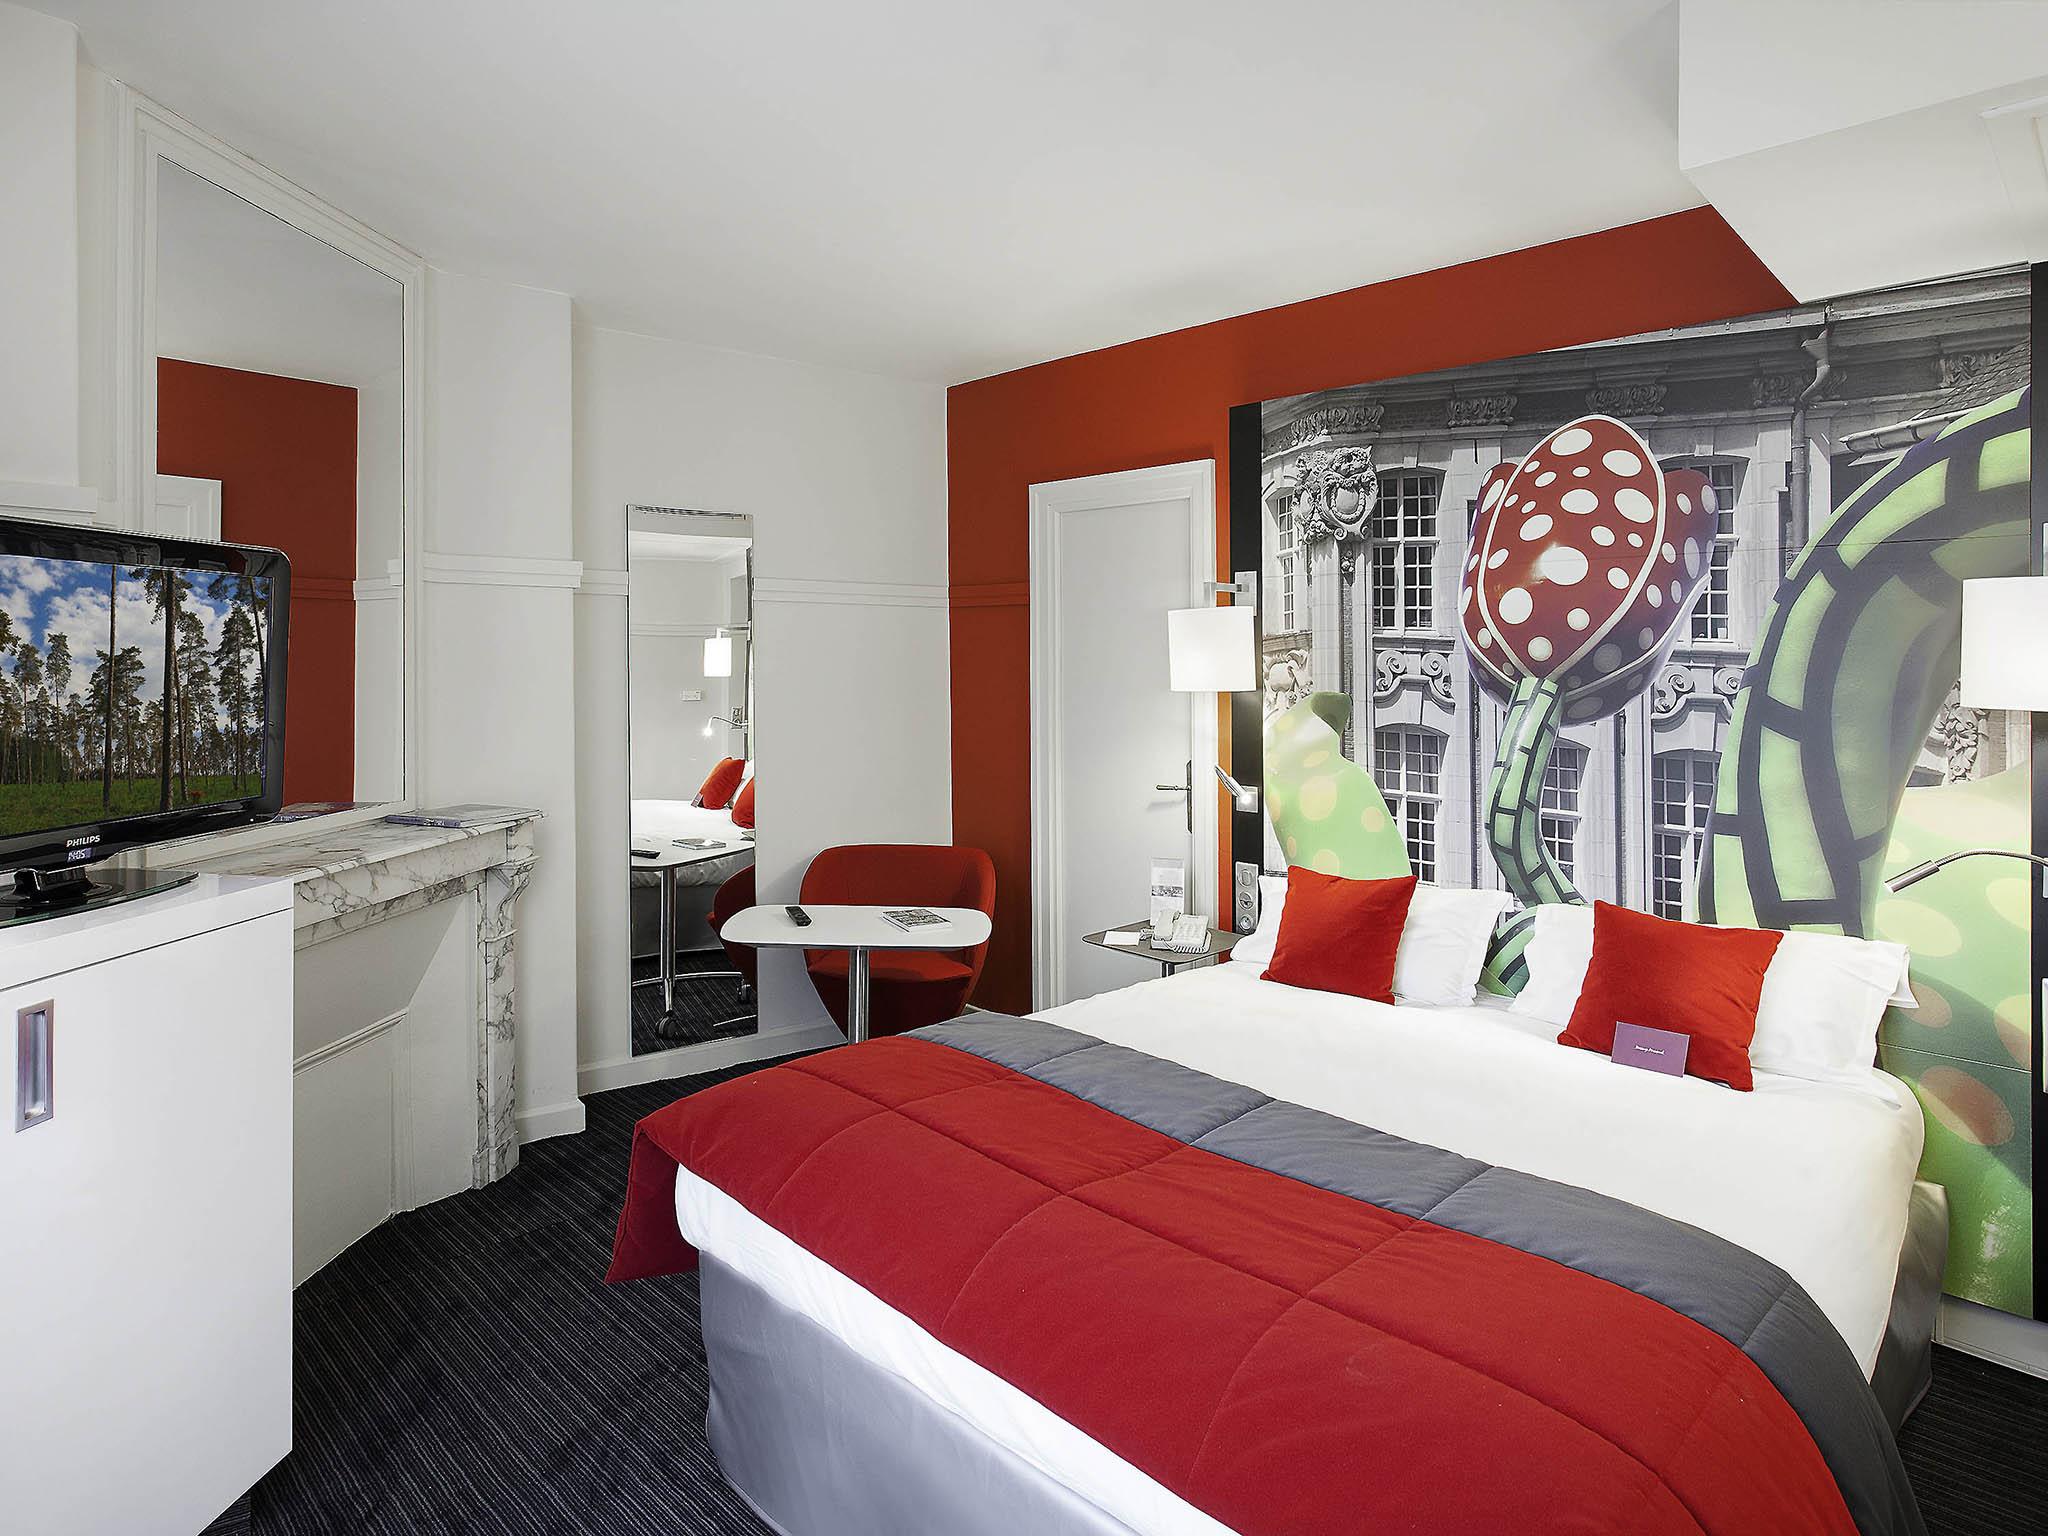 hotel a lille centre. Black Bedroom Furniture Sets. Home Design Ideas